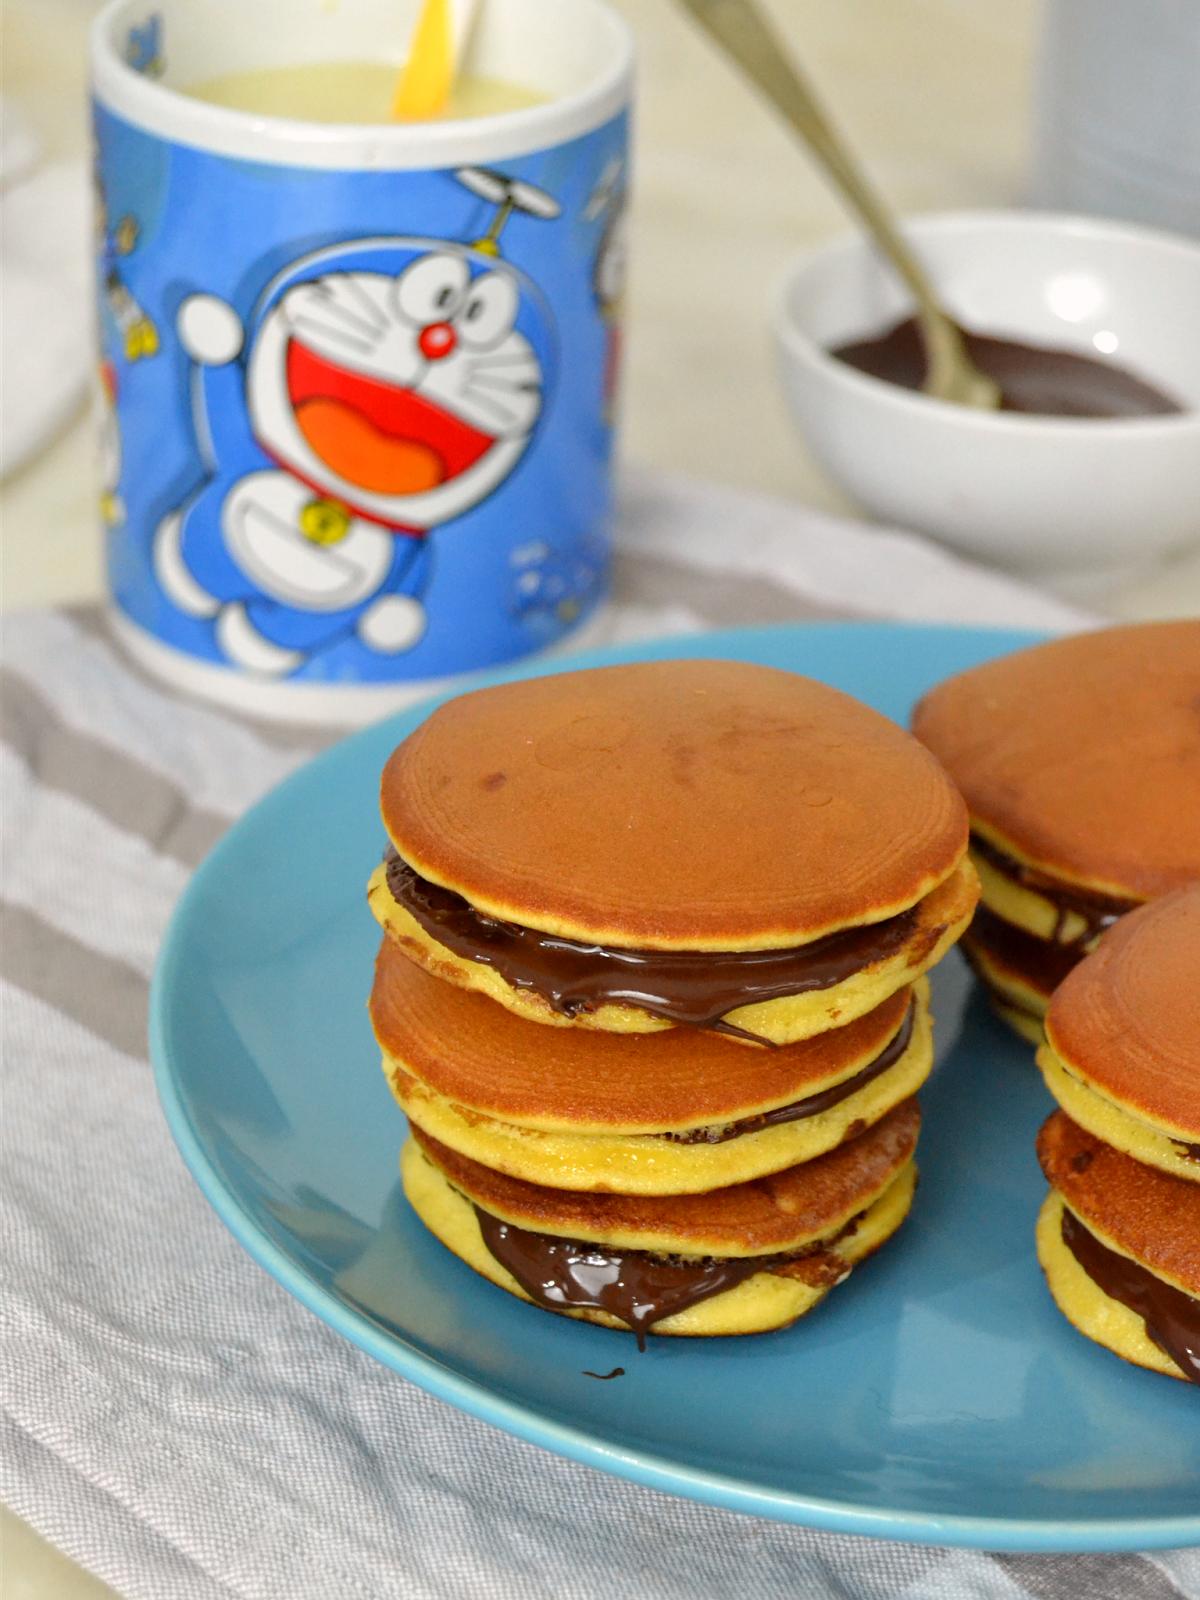 Cómo hacer dorayakis, los pastelitos favoritos de Doraemon